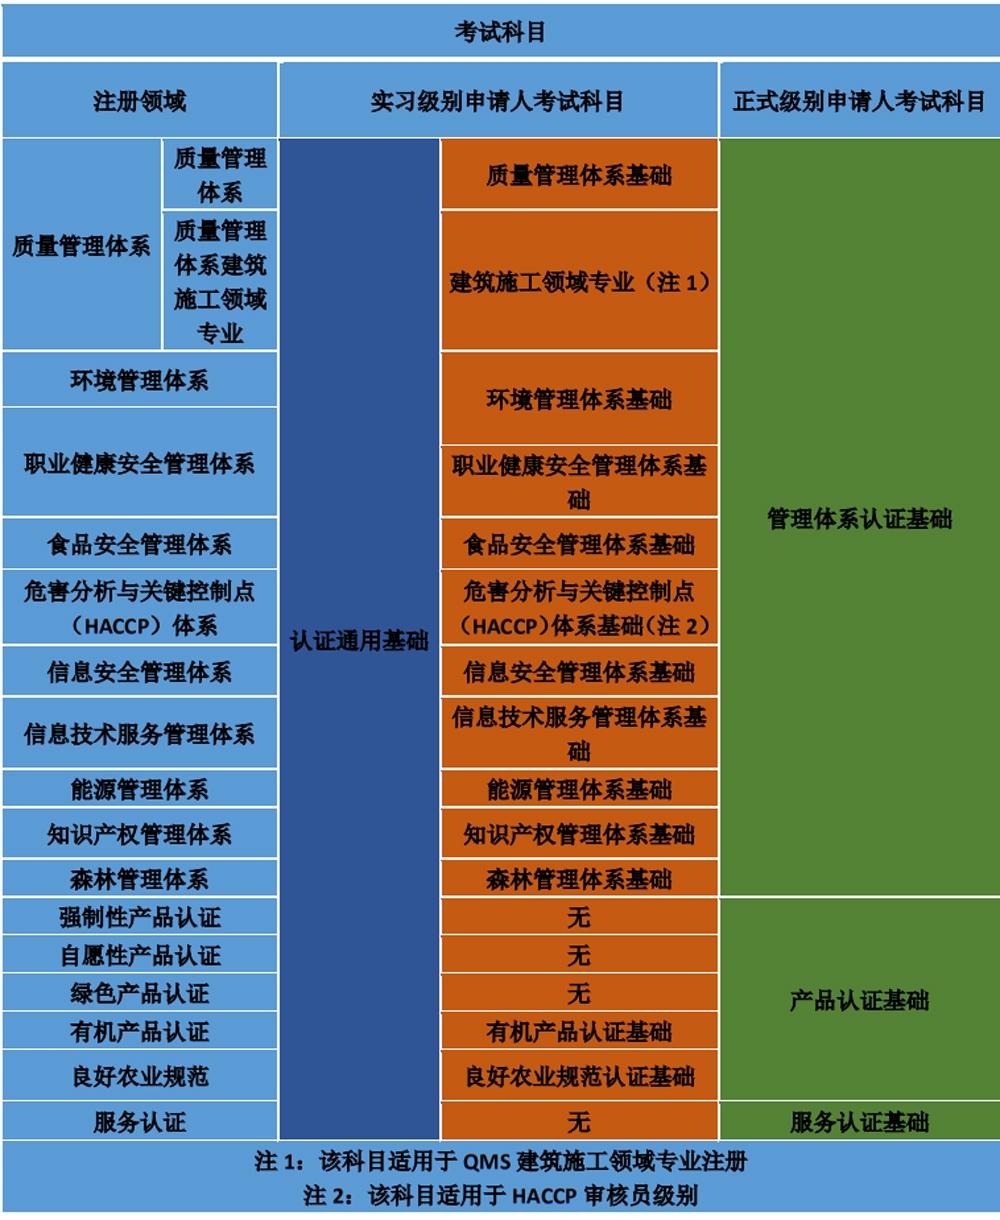 认证人员注册全国统一考试科目及大纲